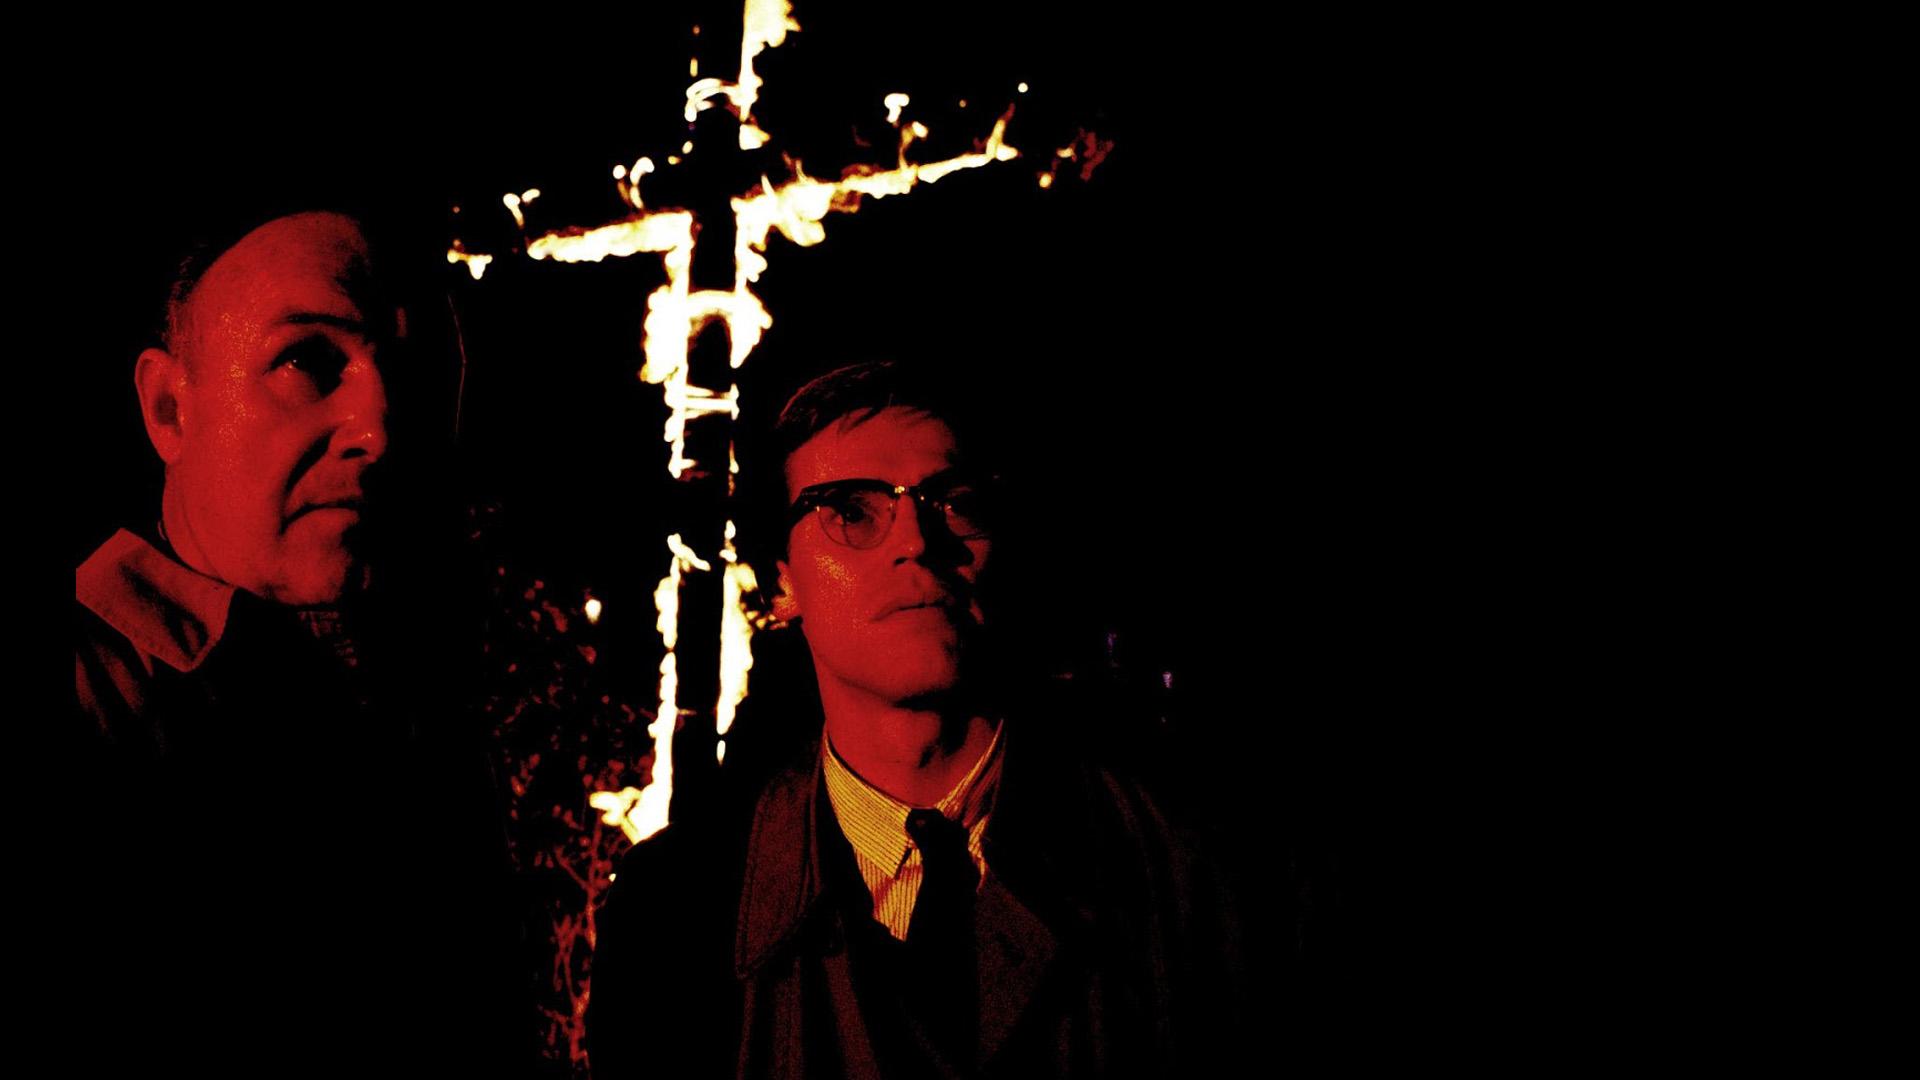 Mississippi Burning Alan Parker film movie Willem Dafoe Gene Hackman